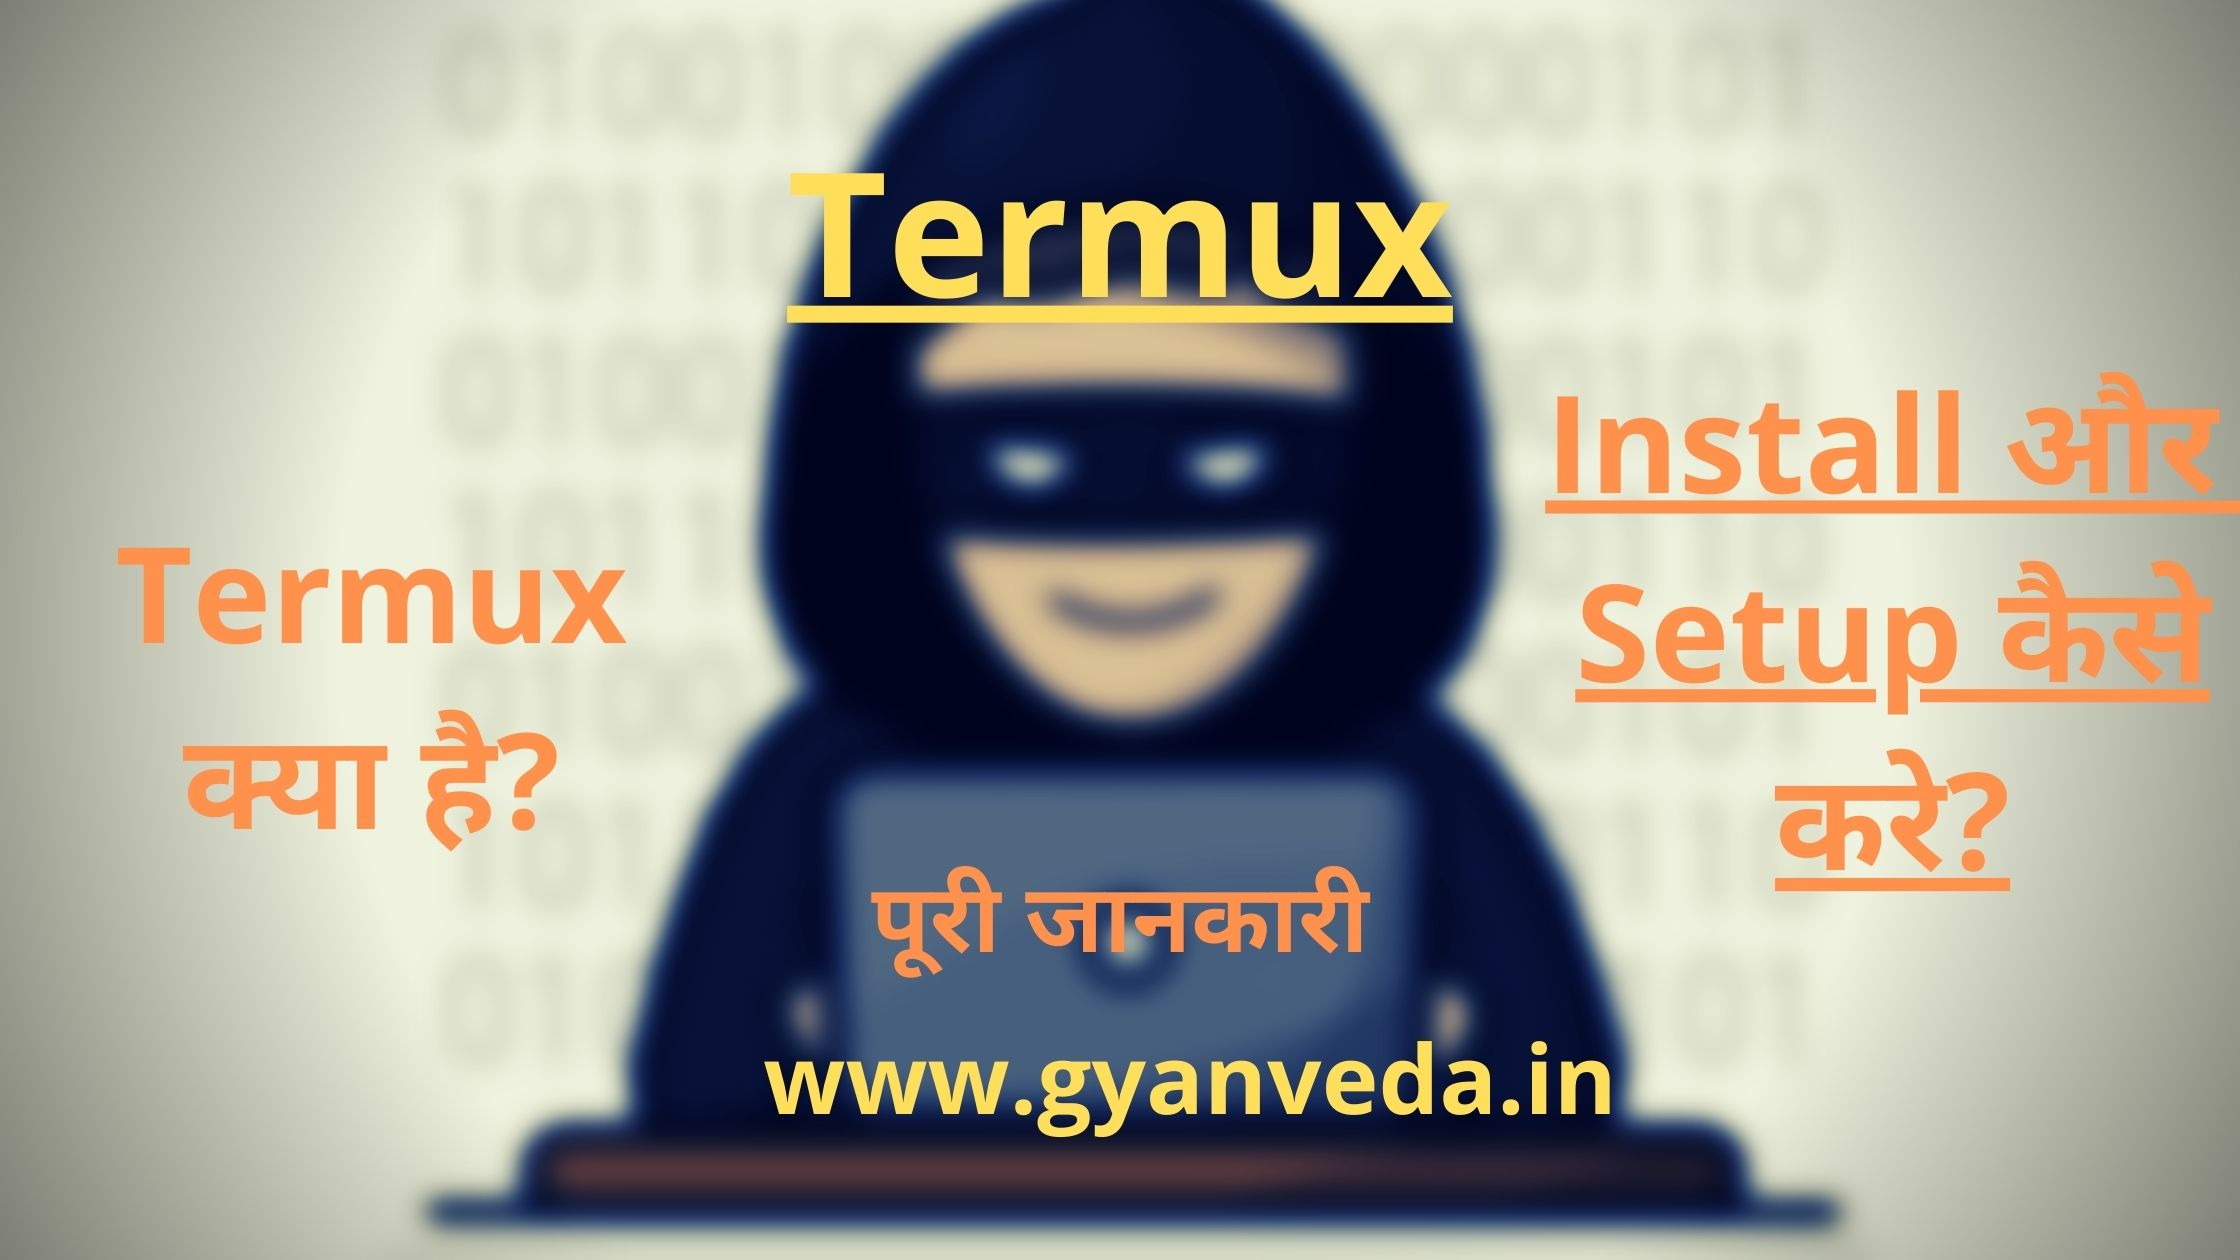 Termux को Install और Setup कैसे करे?